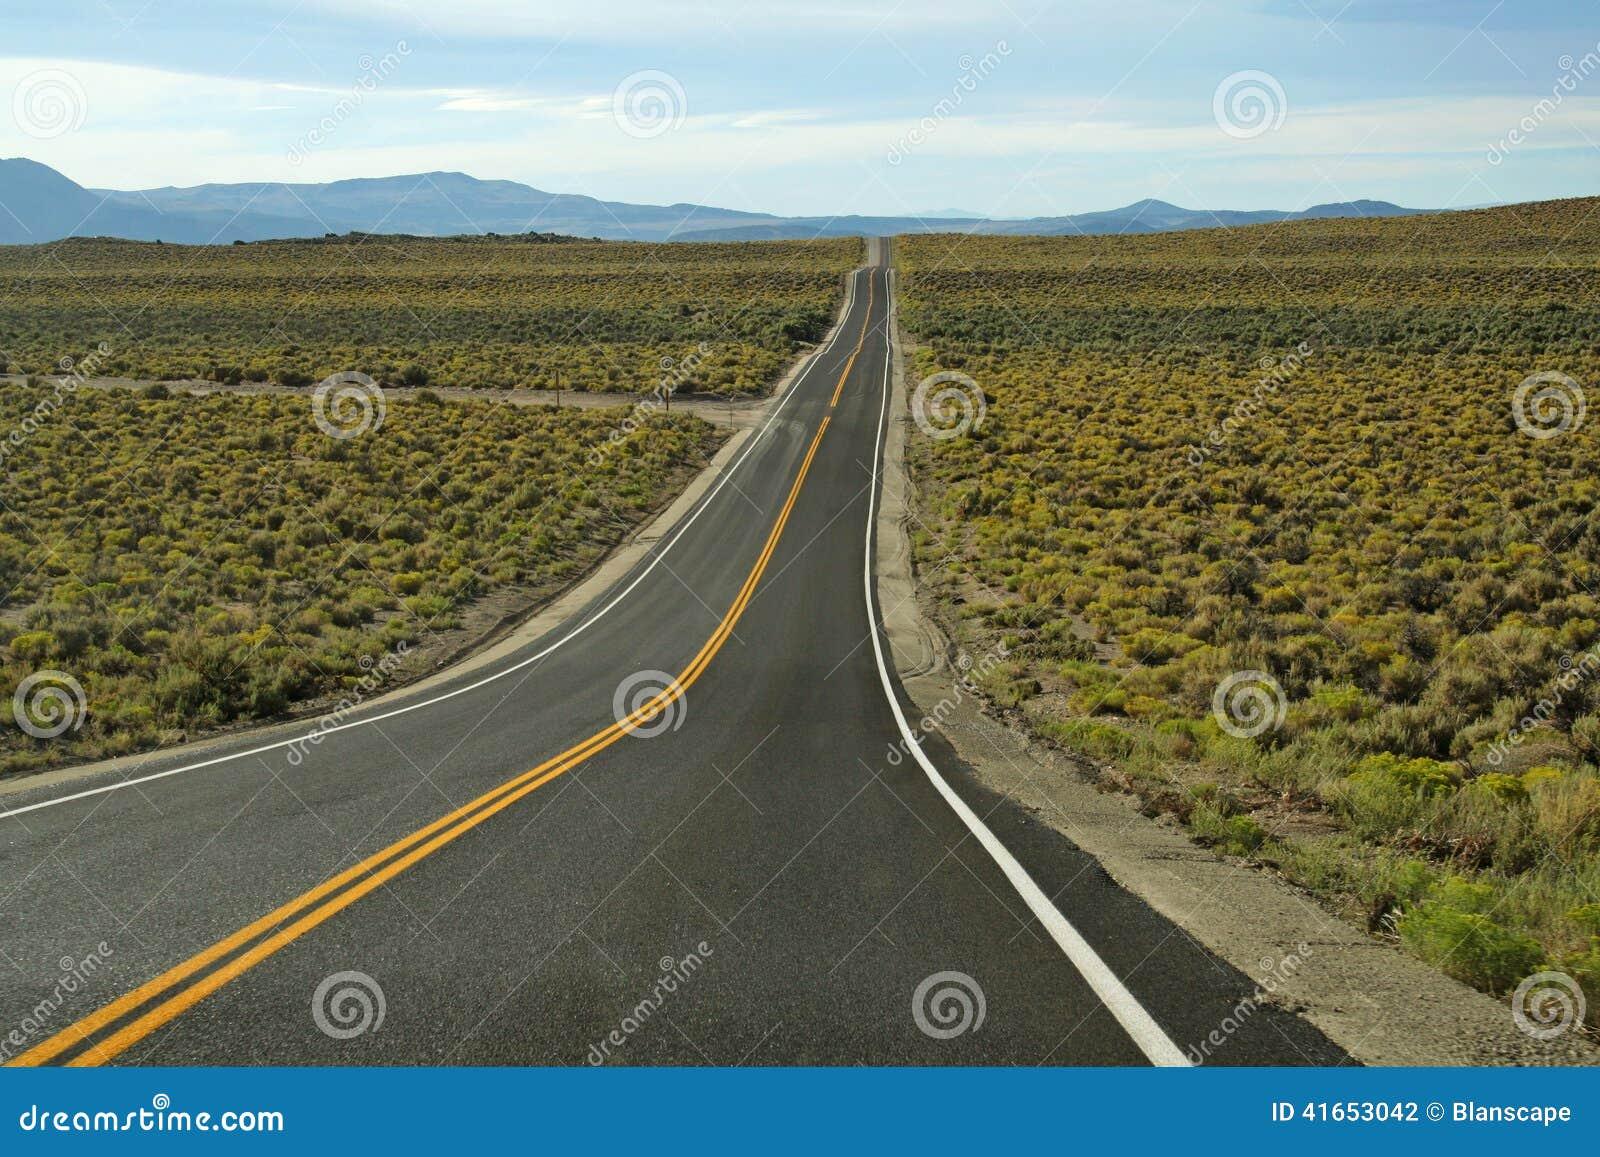 Длинный путь, который нужно достигнуть к гранд-каньону